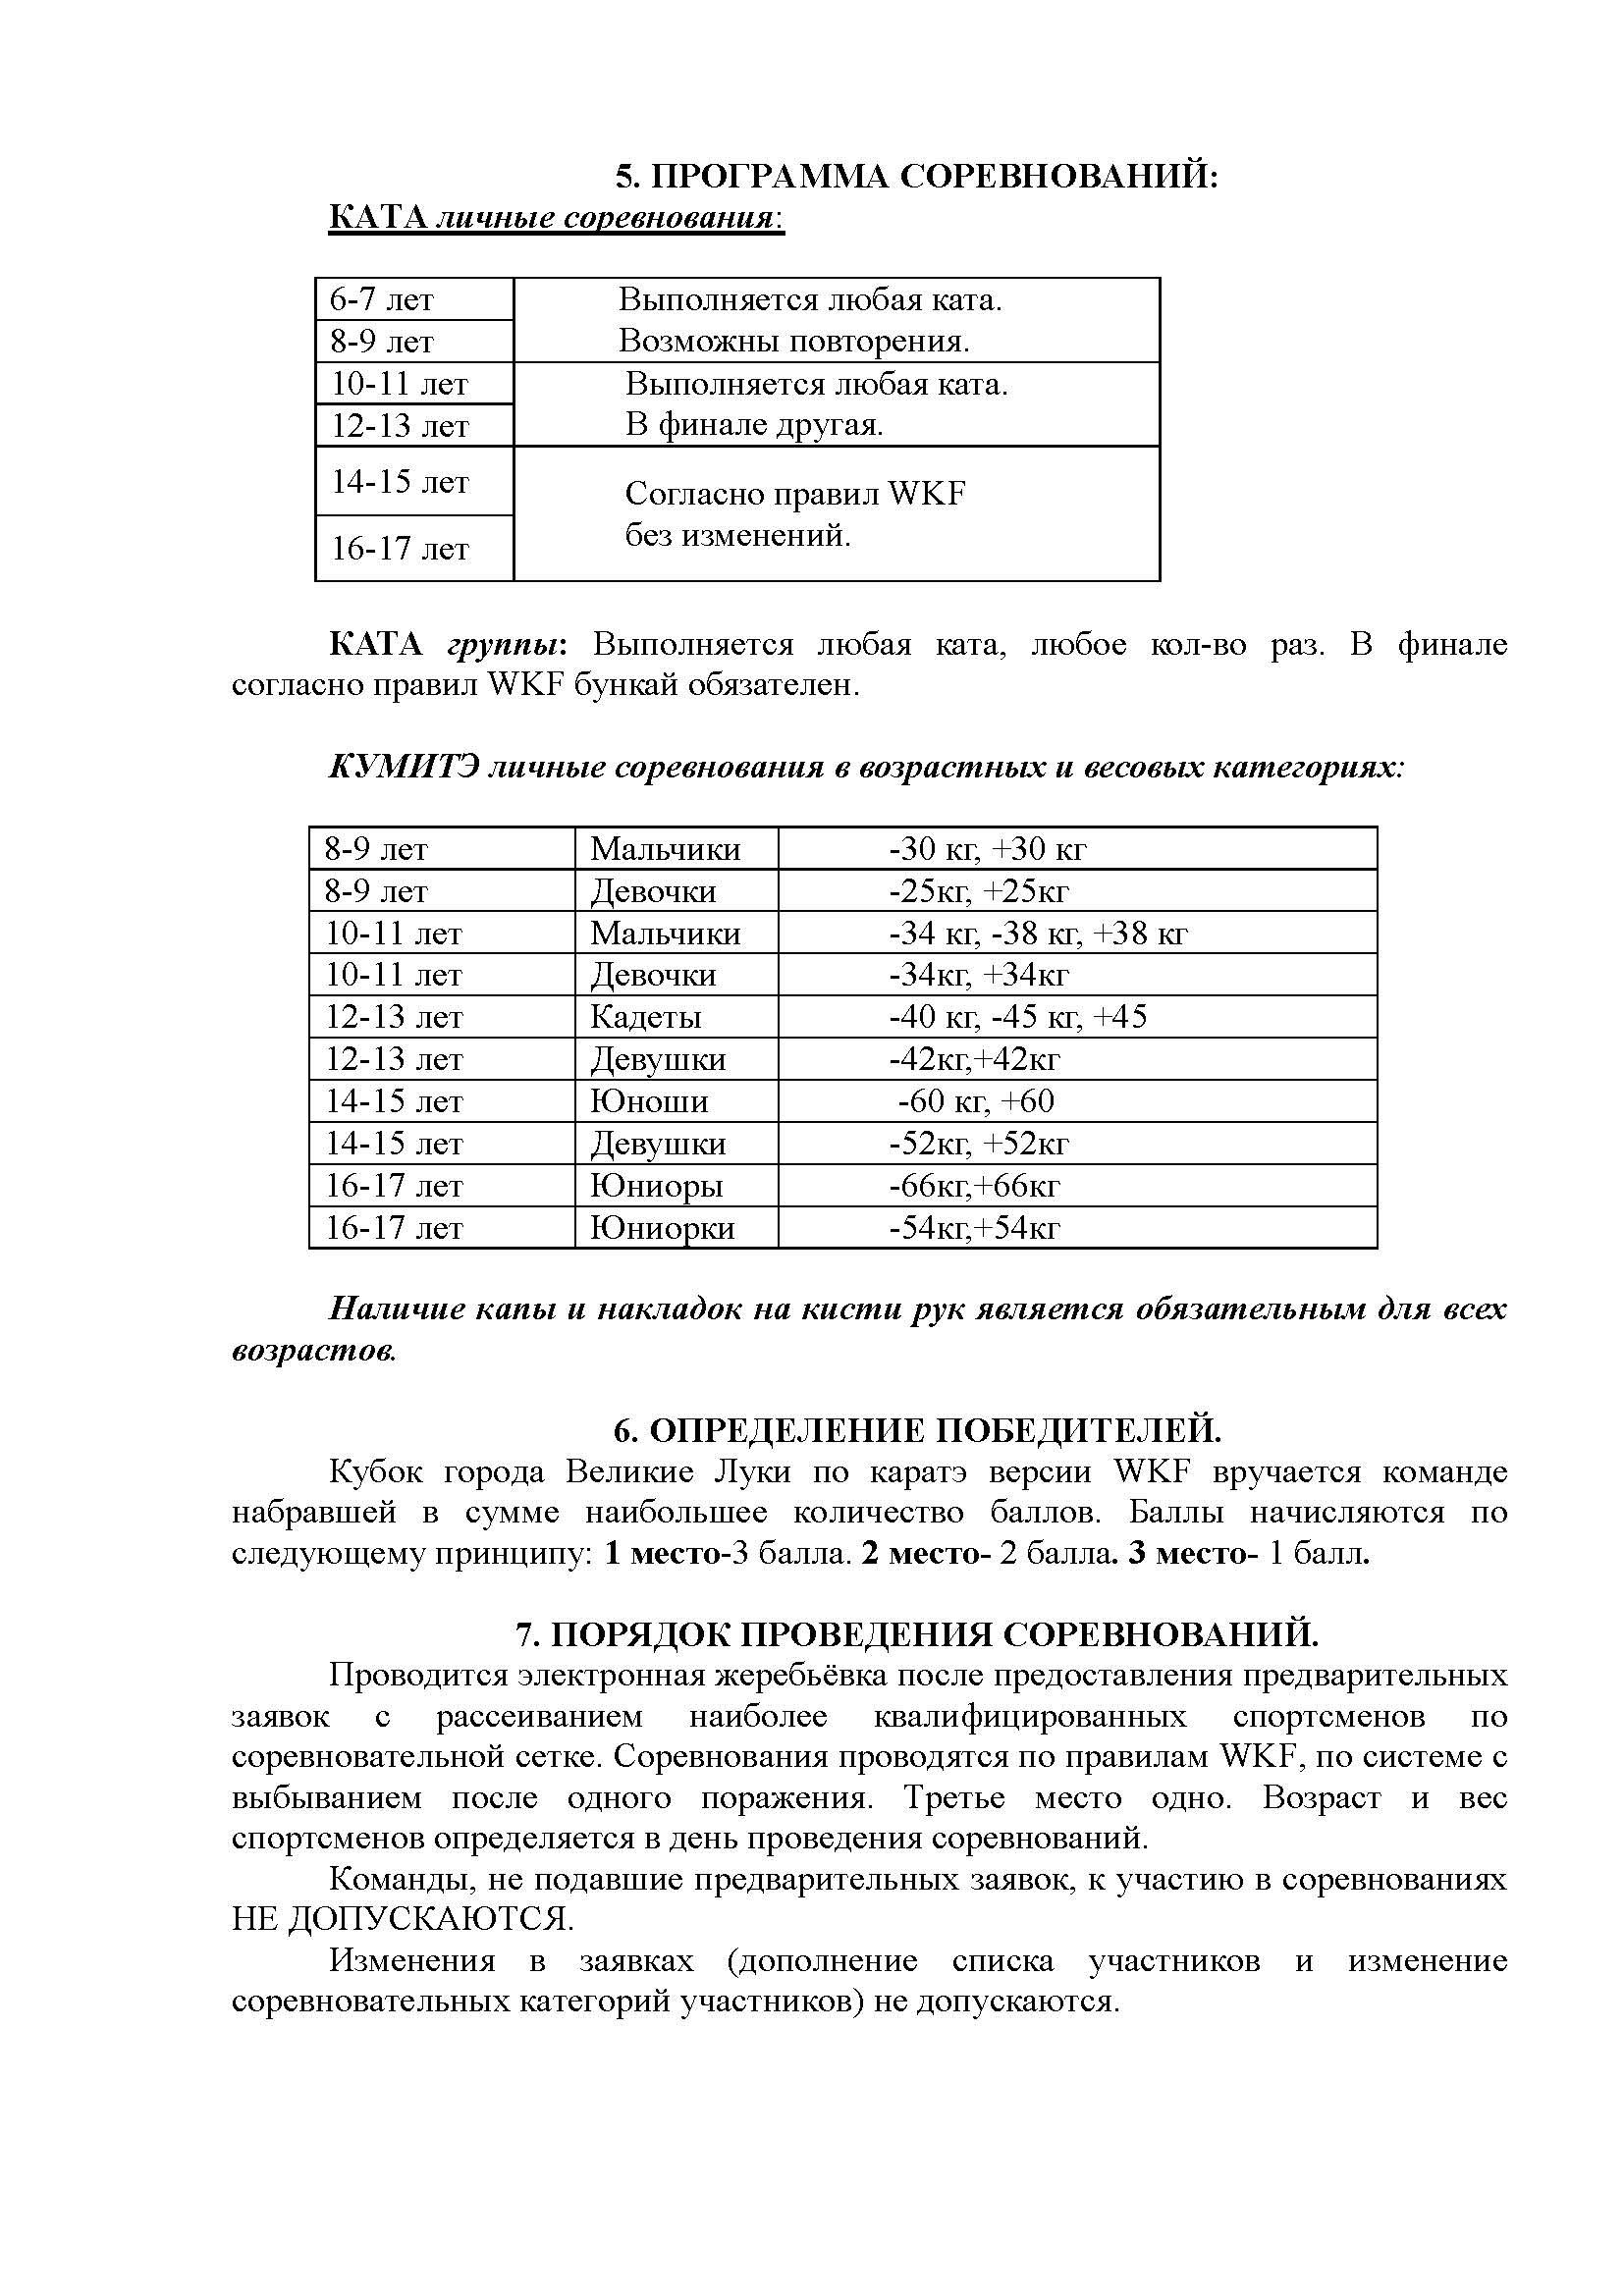 Положение о проведении открытого Кубка города Великие Луки по каратэ версии WKF_Страница_2